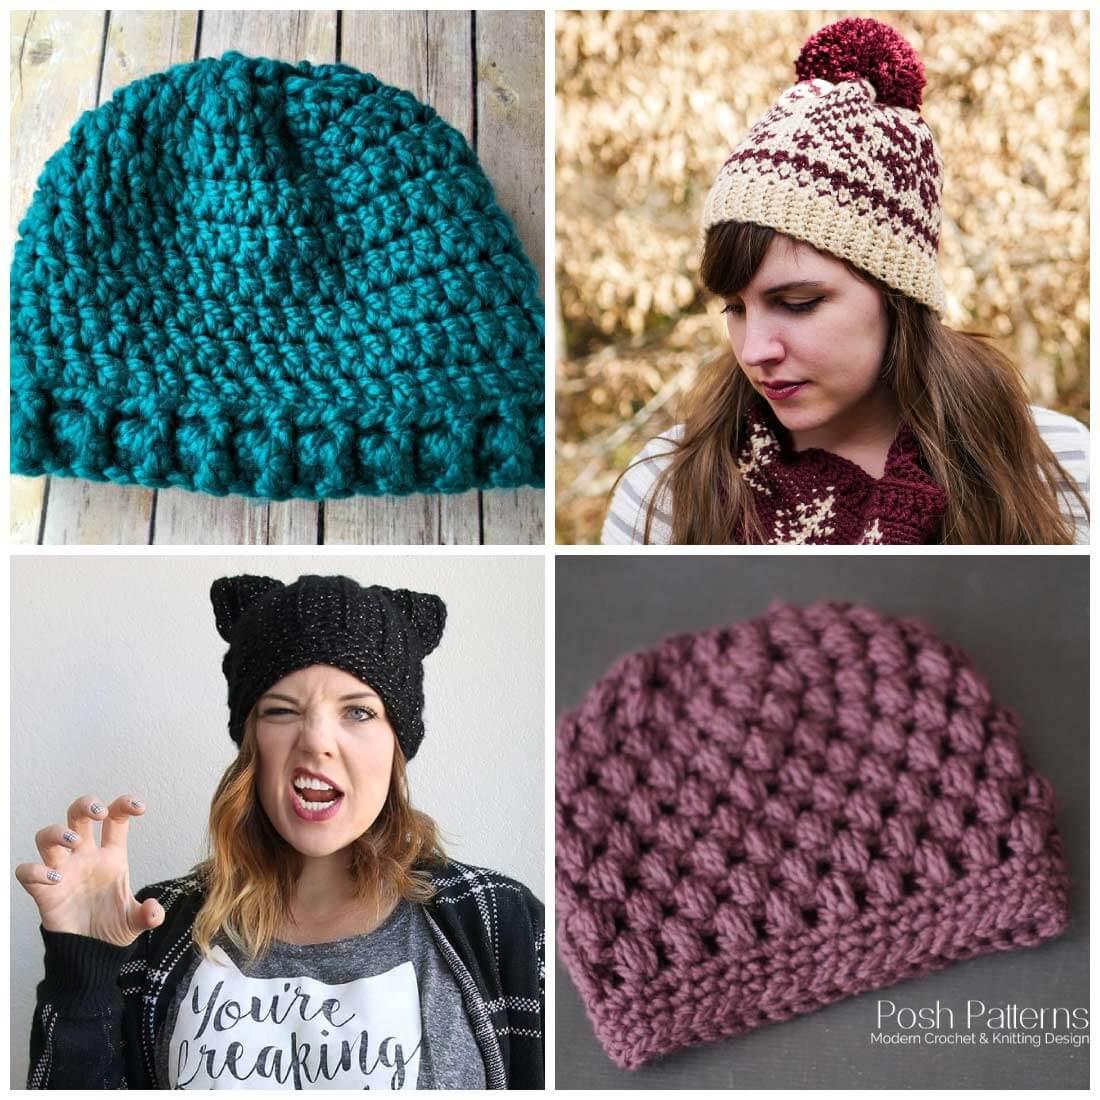 free crochet hat patterns | free crochet patterns | crochet patterns | use  these XFGONRC